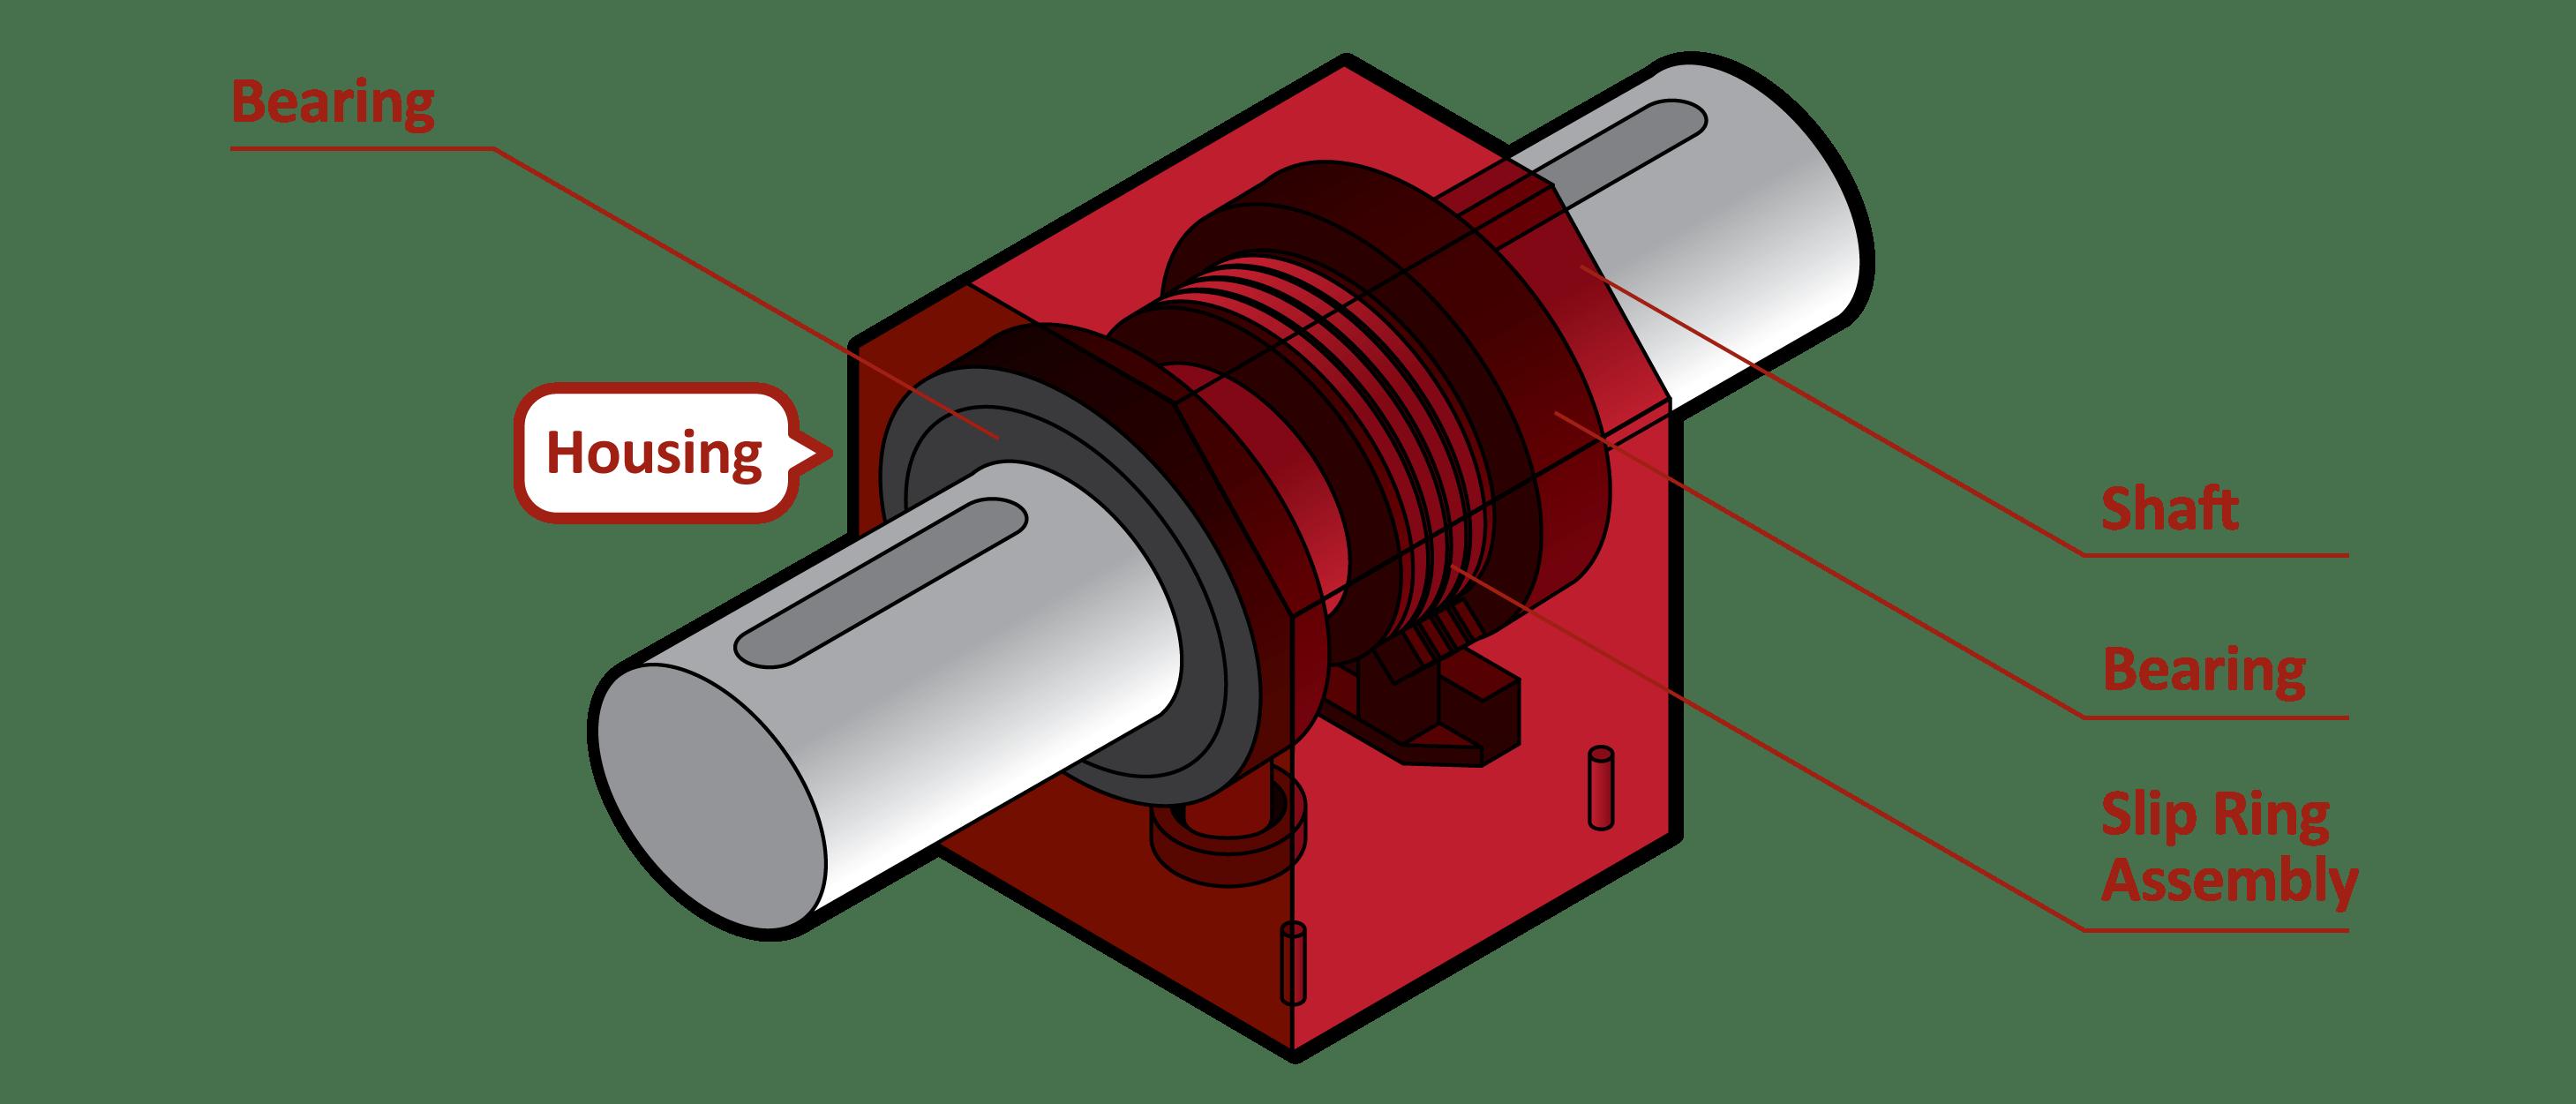 rotary torque transducer sensor working principle